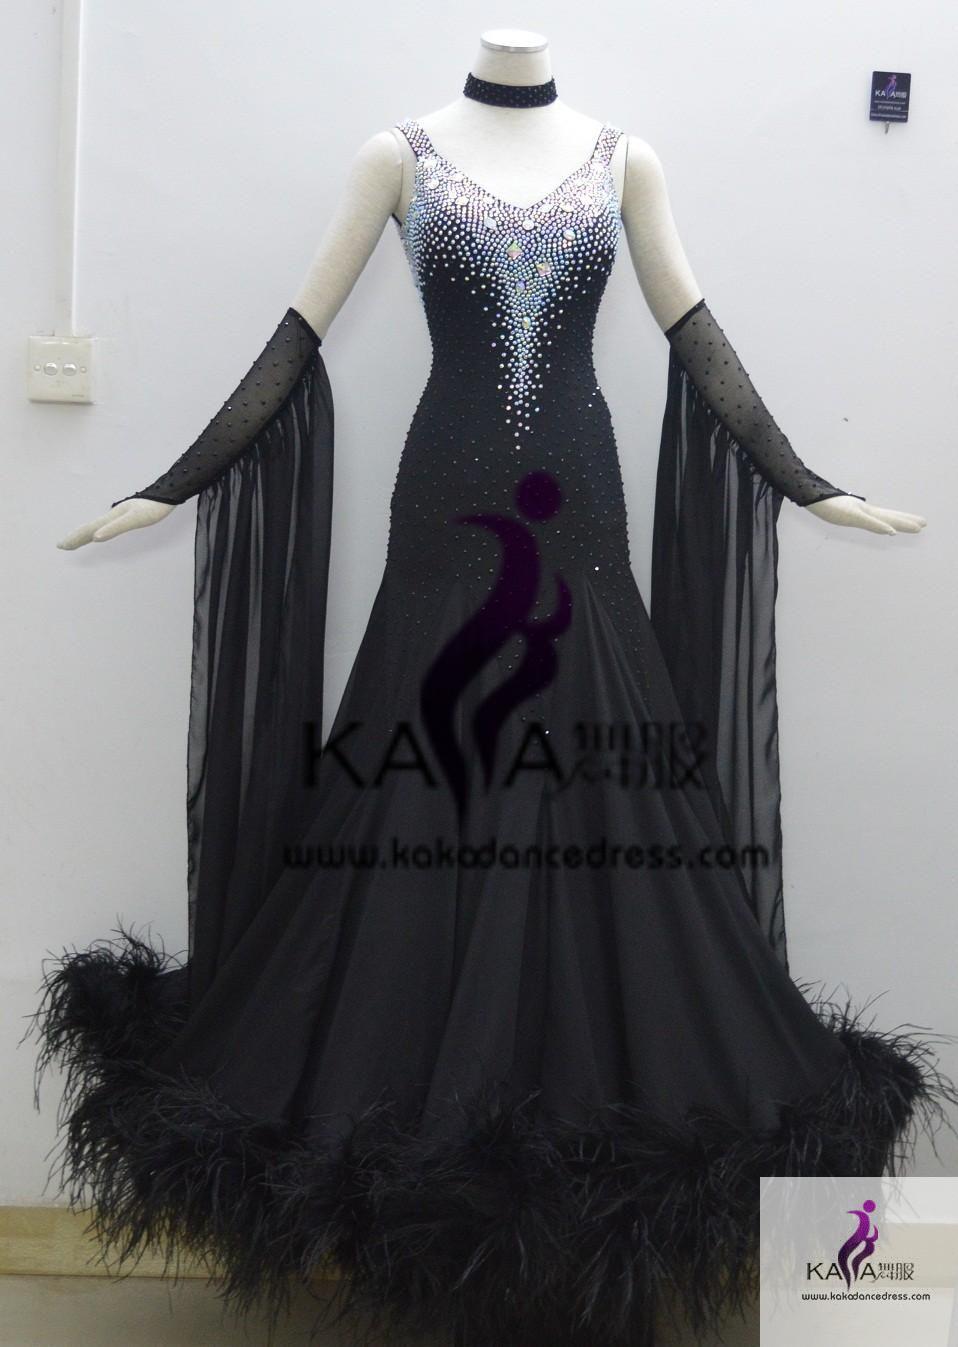 KAKA DANCE DRESS FACTORY | Ballroom | Pinterest | Dancing Ballrooms and Ballroom dress